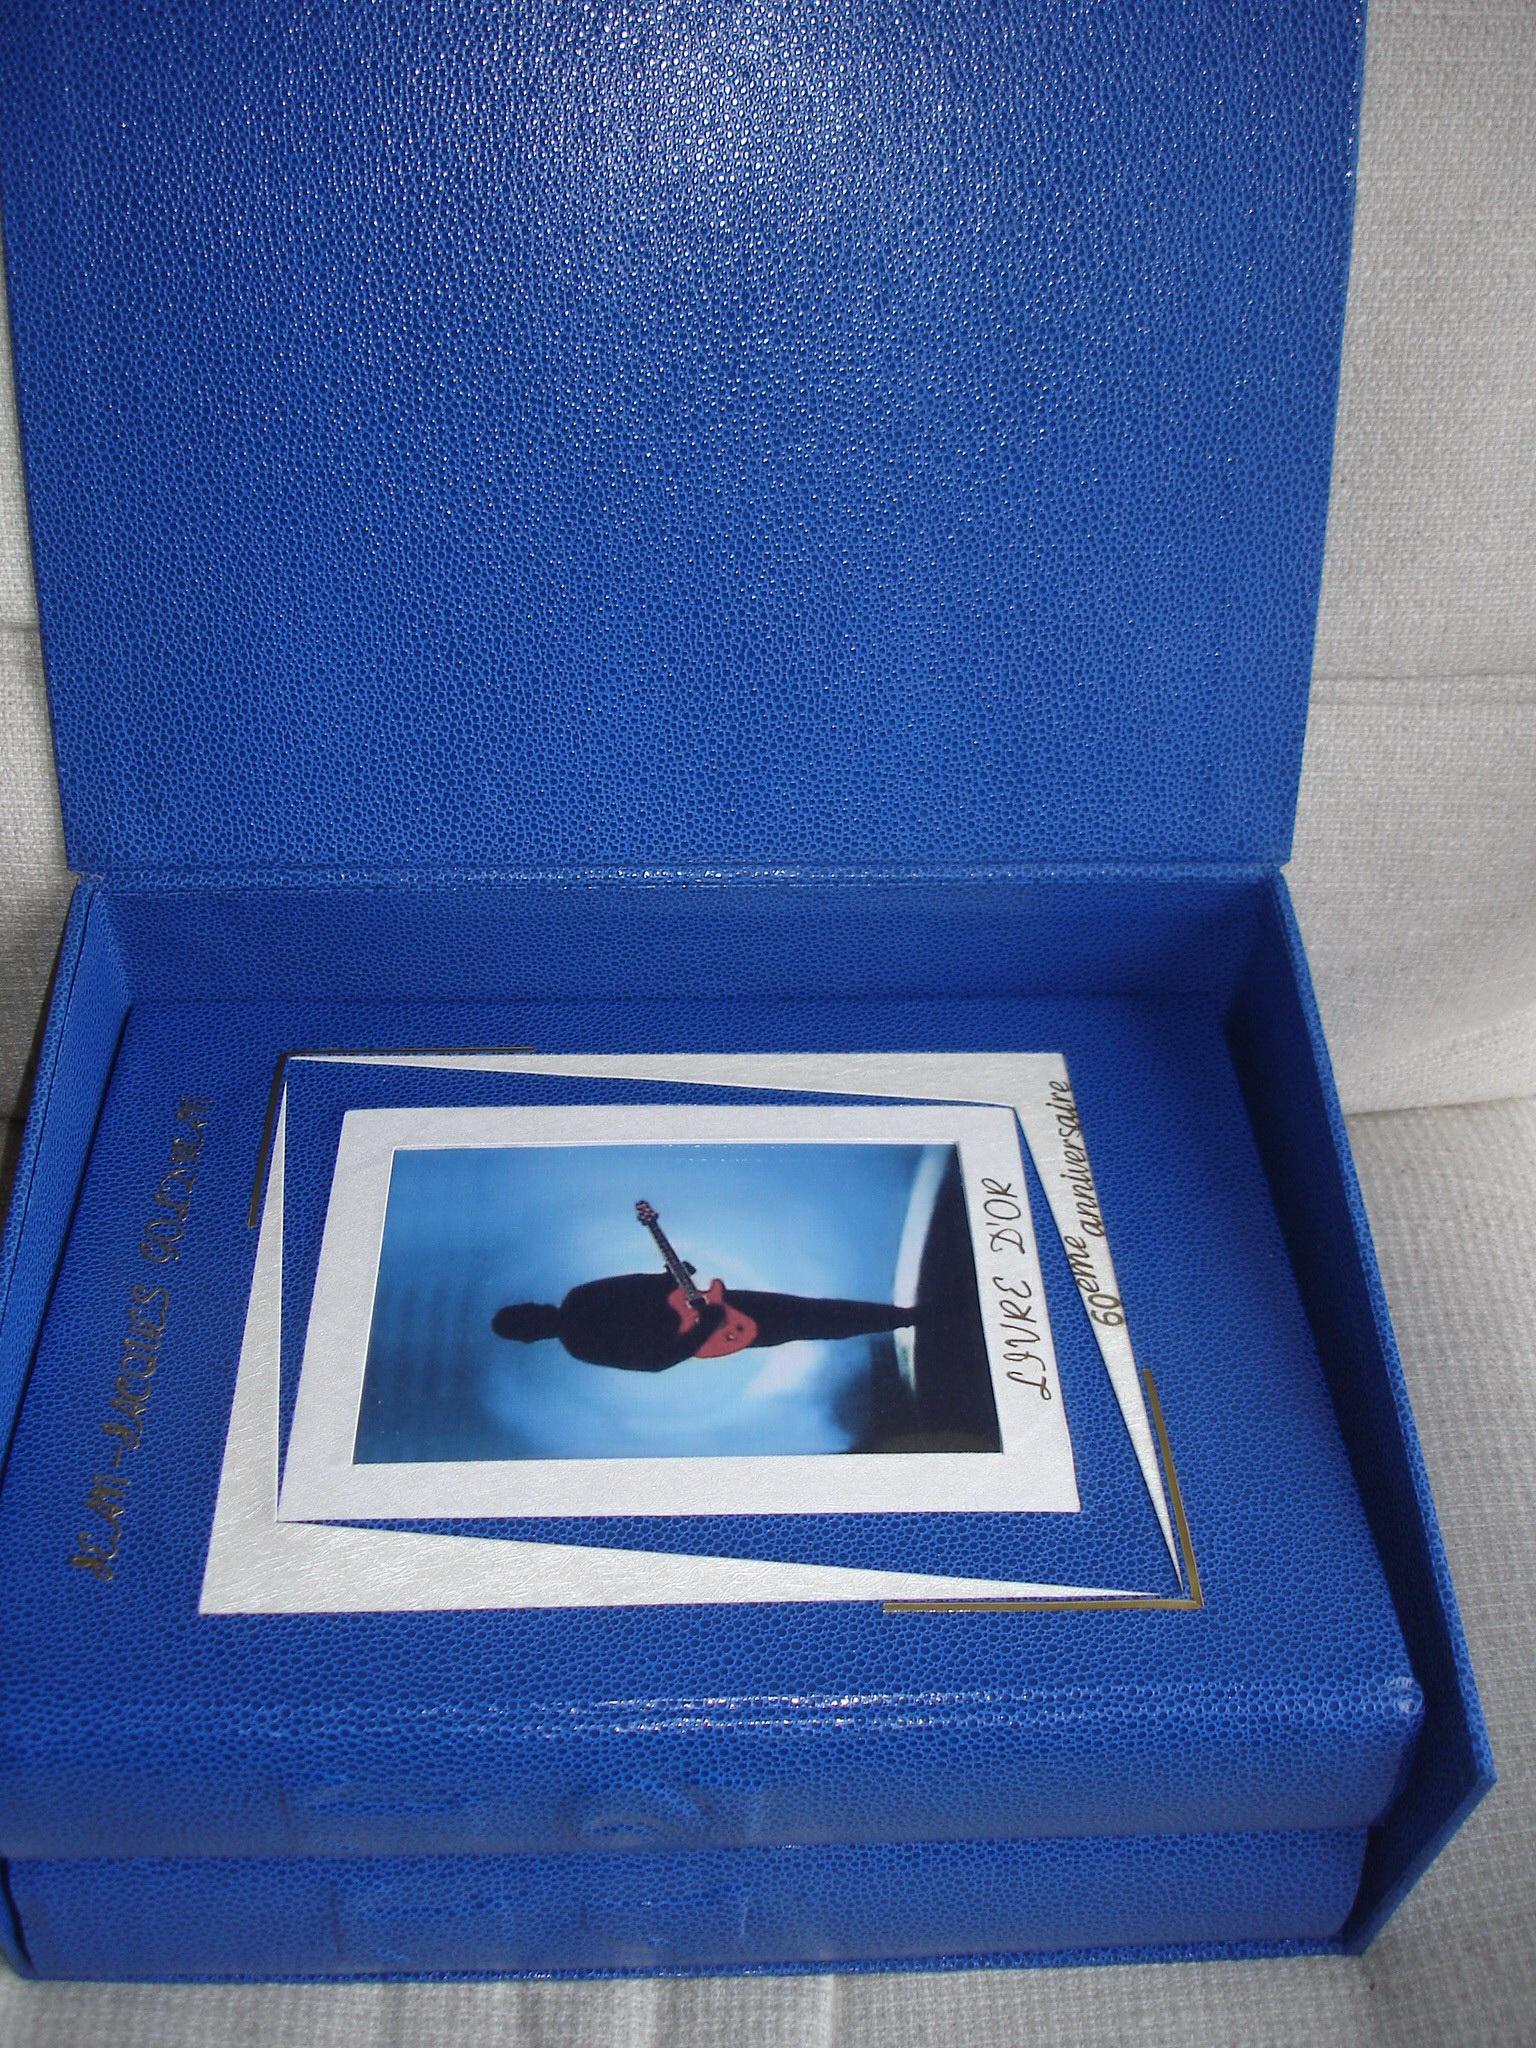 https://static.blog4ever.com/2012/09/713297/LO-Photo6.jpg